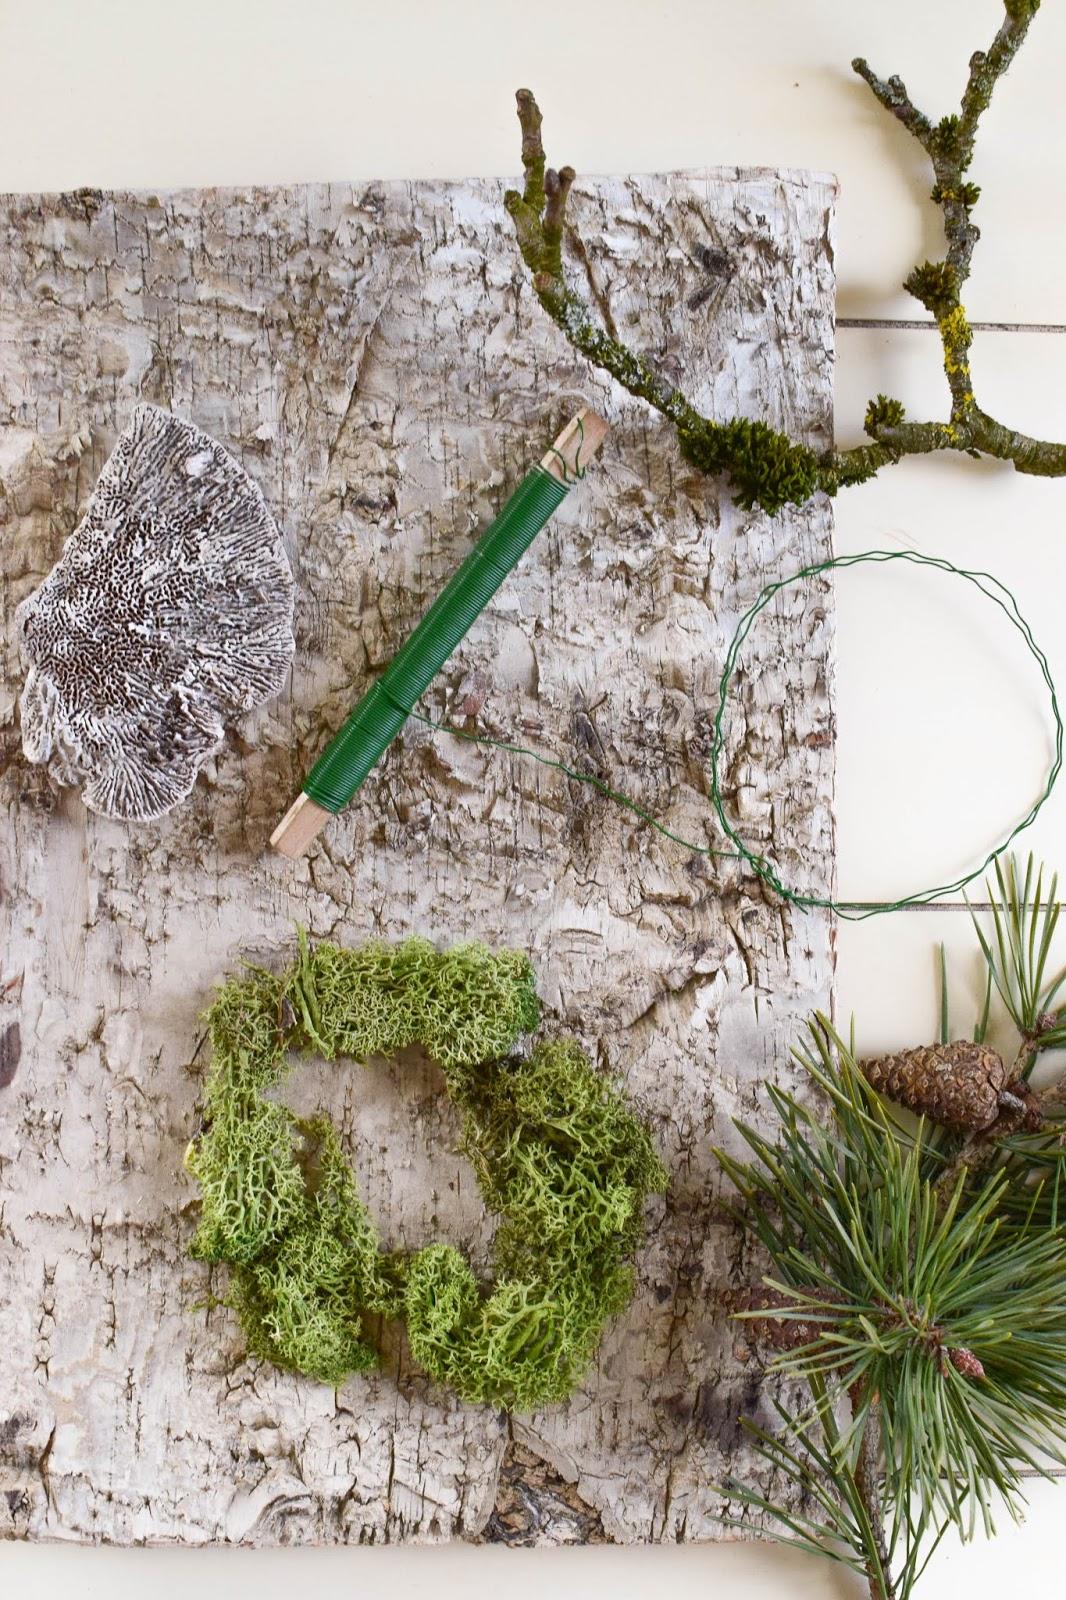 Anleitung Kranz binden aus Moos für den Herbst und Winter. DIY Dekoration basteln einfach selbermachen: Naturmaterialien basteln 10